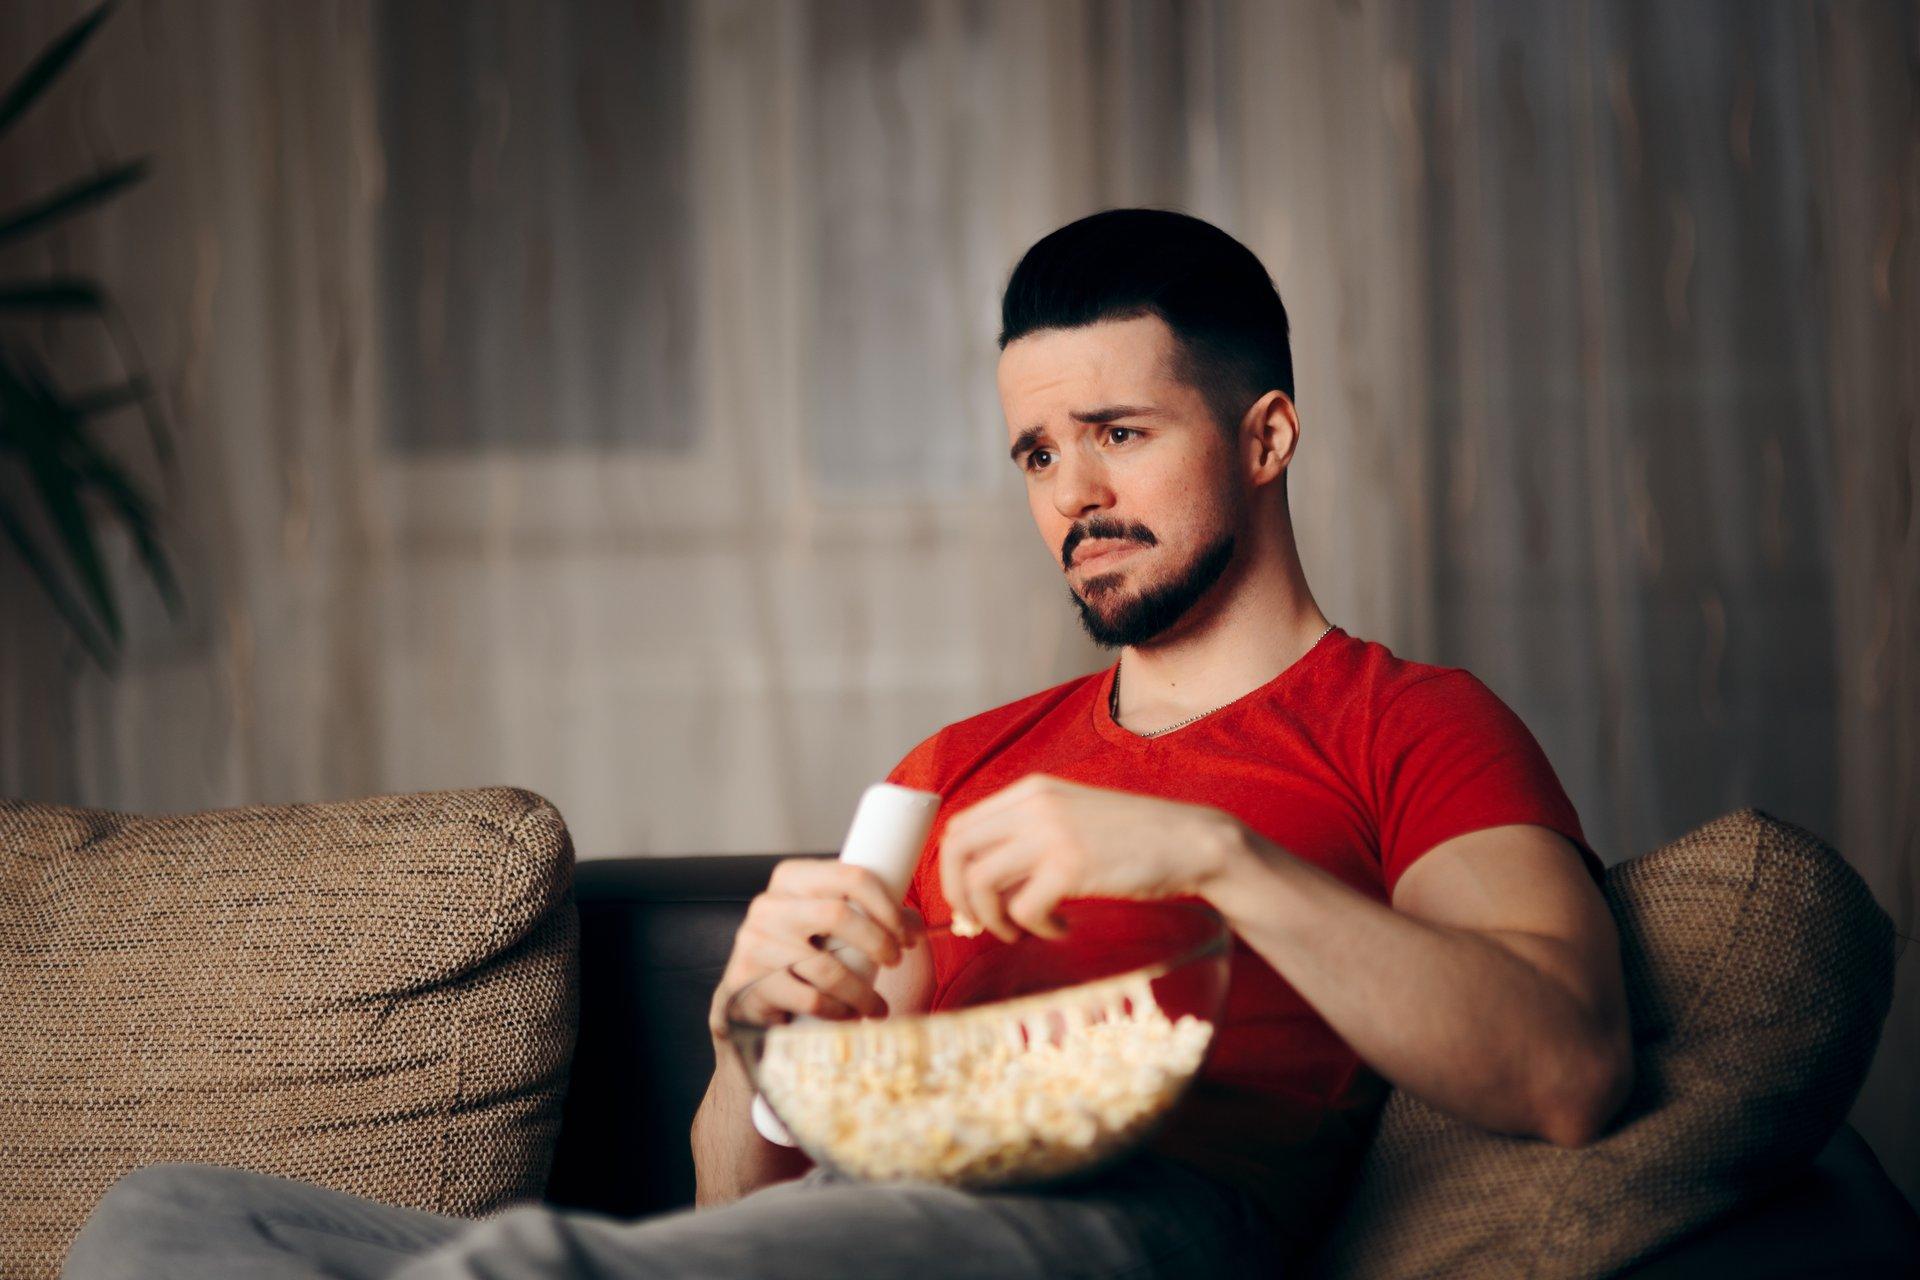 Sad man watching TV